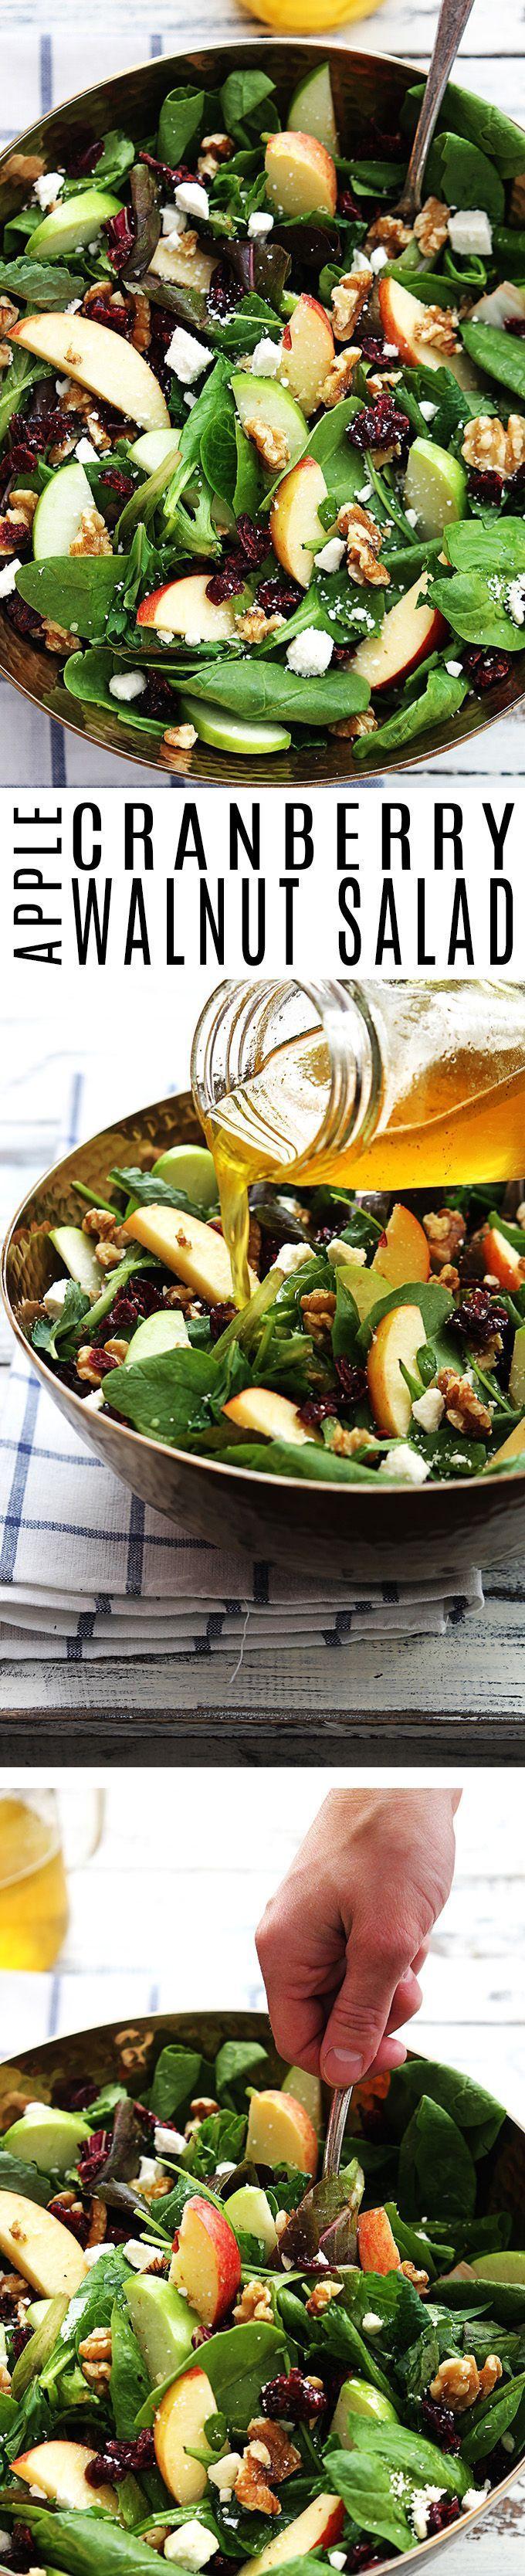 top 20 der salate salat salad pinterest salat 20er und essen. Black Bedroom Furniture Sets. Home Design Ideas